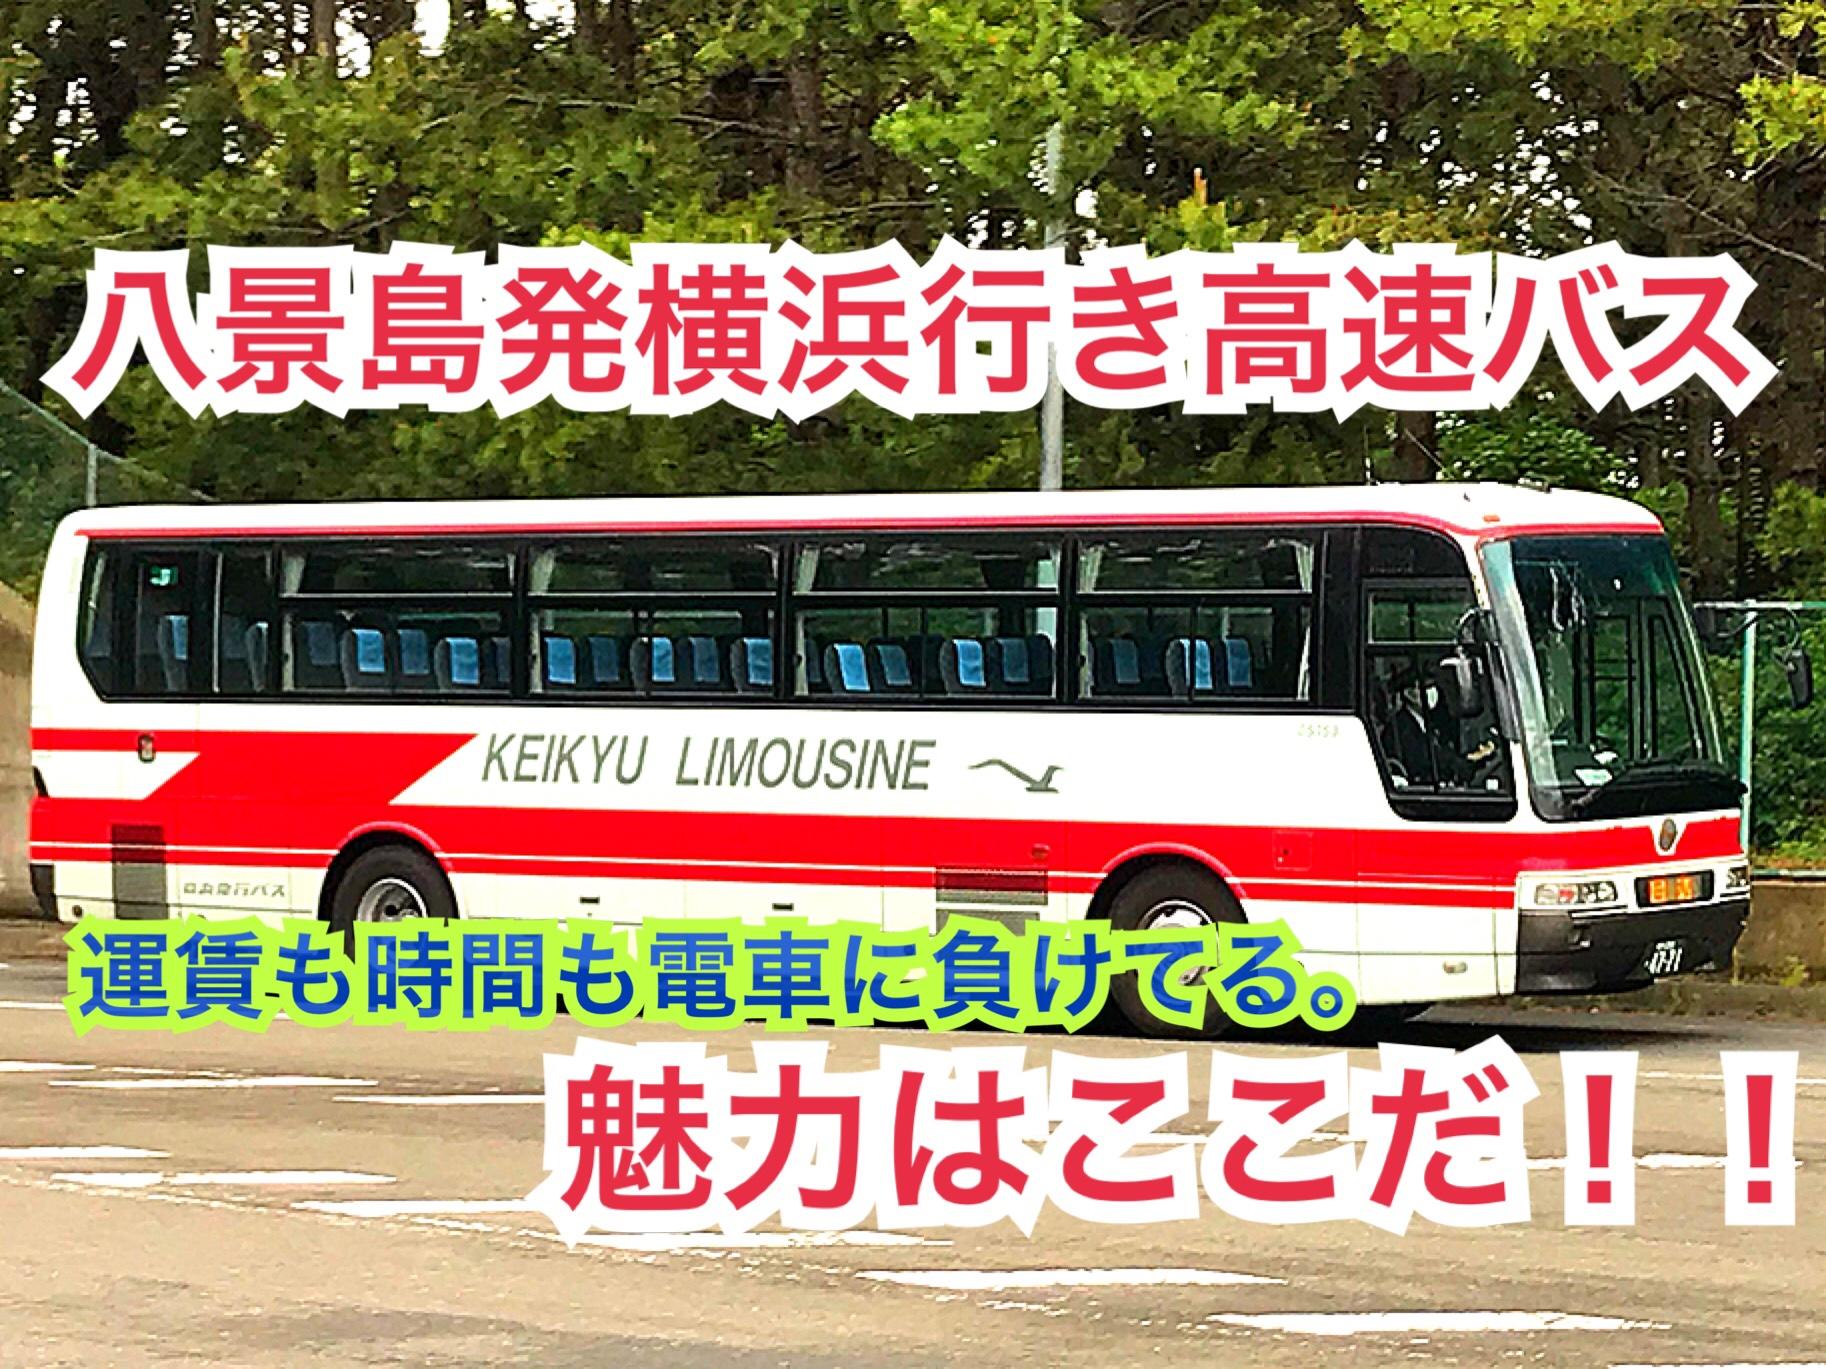 八景島から横浜へ直行バス!どこに需要がある?【令和シーサイドライン】